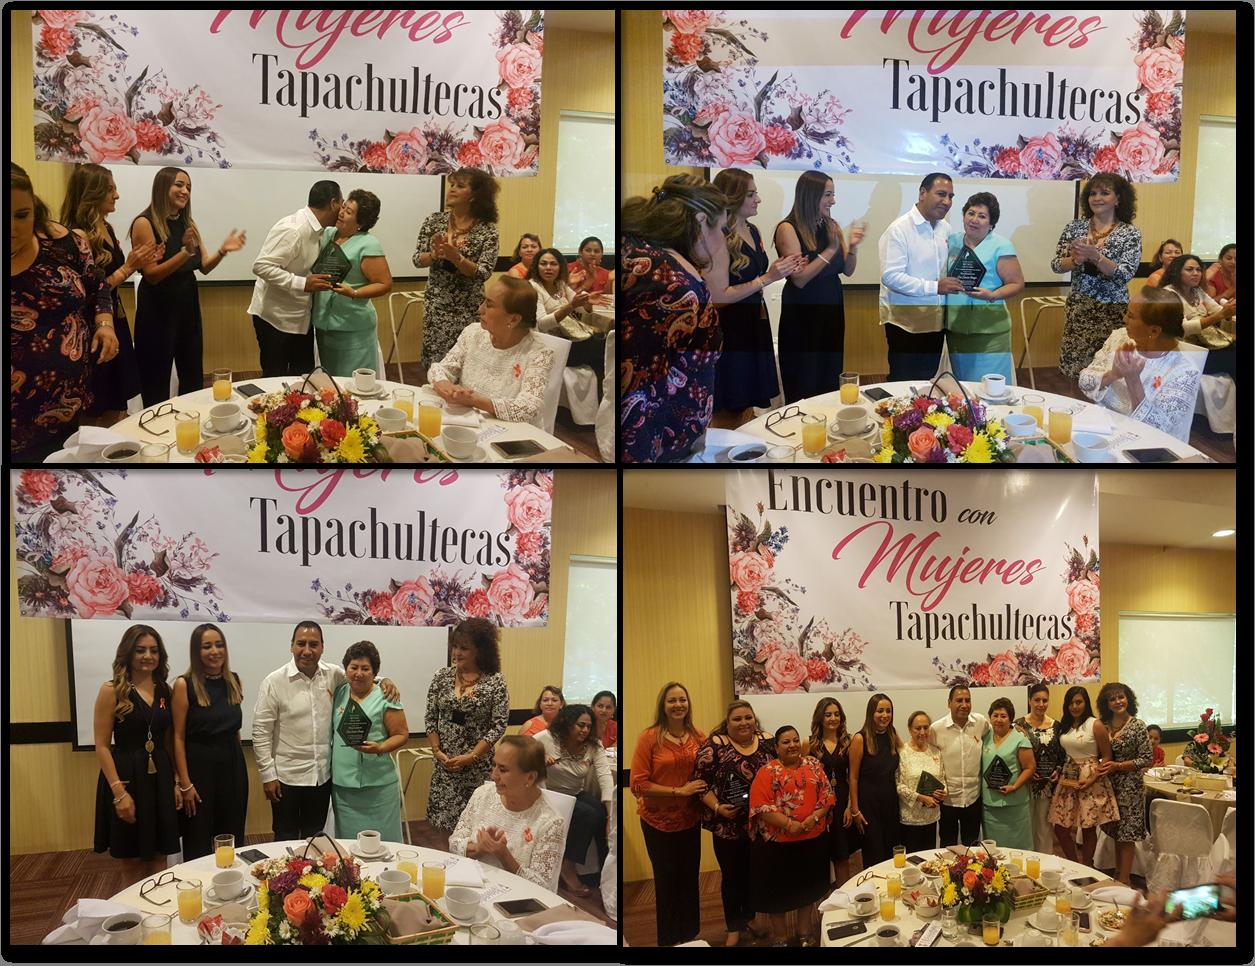 """25/11/2017 La Sra. Elsa Simón Ortega Fundadora y Representante legal de Por la Superación de la Mujer A.C,  estuvo presente en el evento """"ENCUENTRO CON MUJERES TAPACHULTECAS"""" en donde recibió  un reconocimiento por parte del Congreso del Estado de Chiapas, POR LA NOBLE E  IMPORTANTE LABOR PARA LA PROTECCIÓN DE LOS DERECHOS DE LAS MUJERES DE  TAPACHULA. El evento se realizó en Tapachula, Chiapas."""